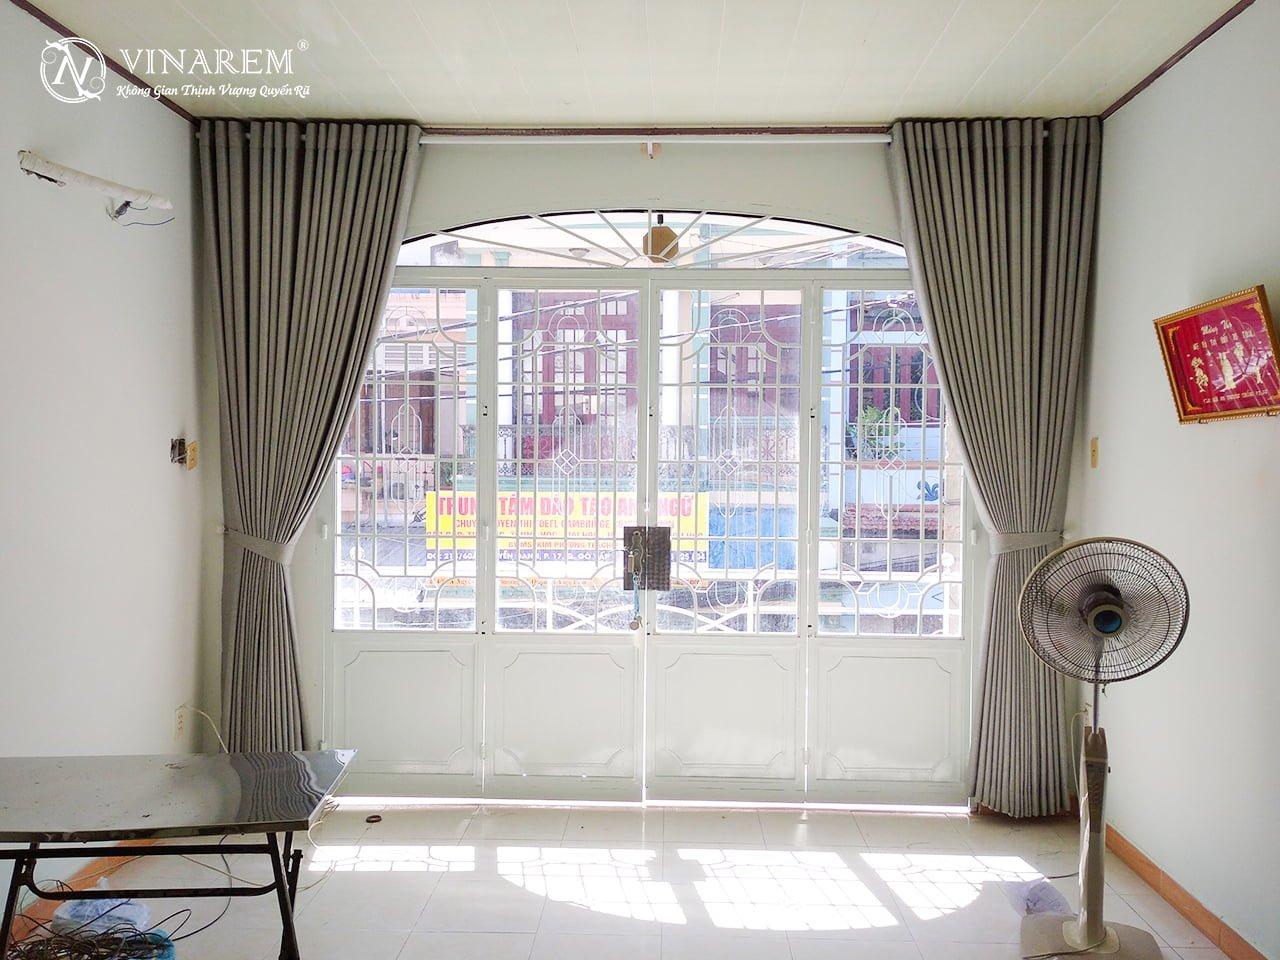 Rèm vải một lớp cao cấp cho không gian nhà phố | Vinarem